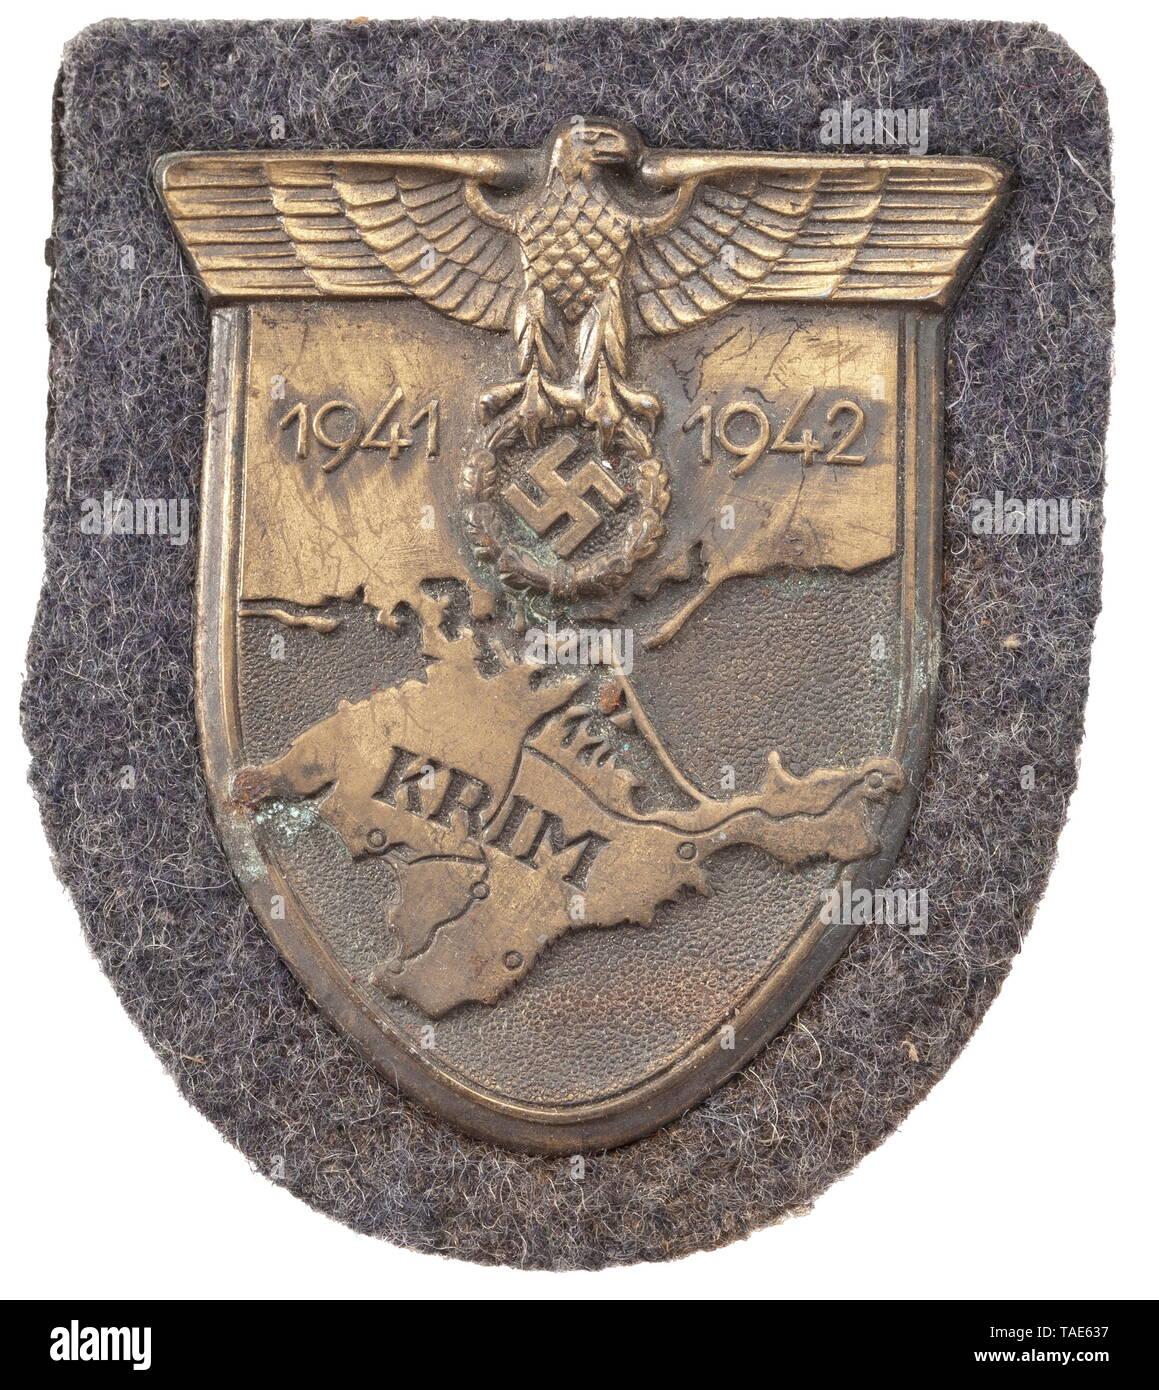 Ein Krim Schild für Luftwaffe Mitglieder historischen, historische, 20. Jahrhundert, Editorial-Use - Nur Stockbild